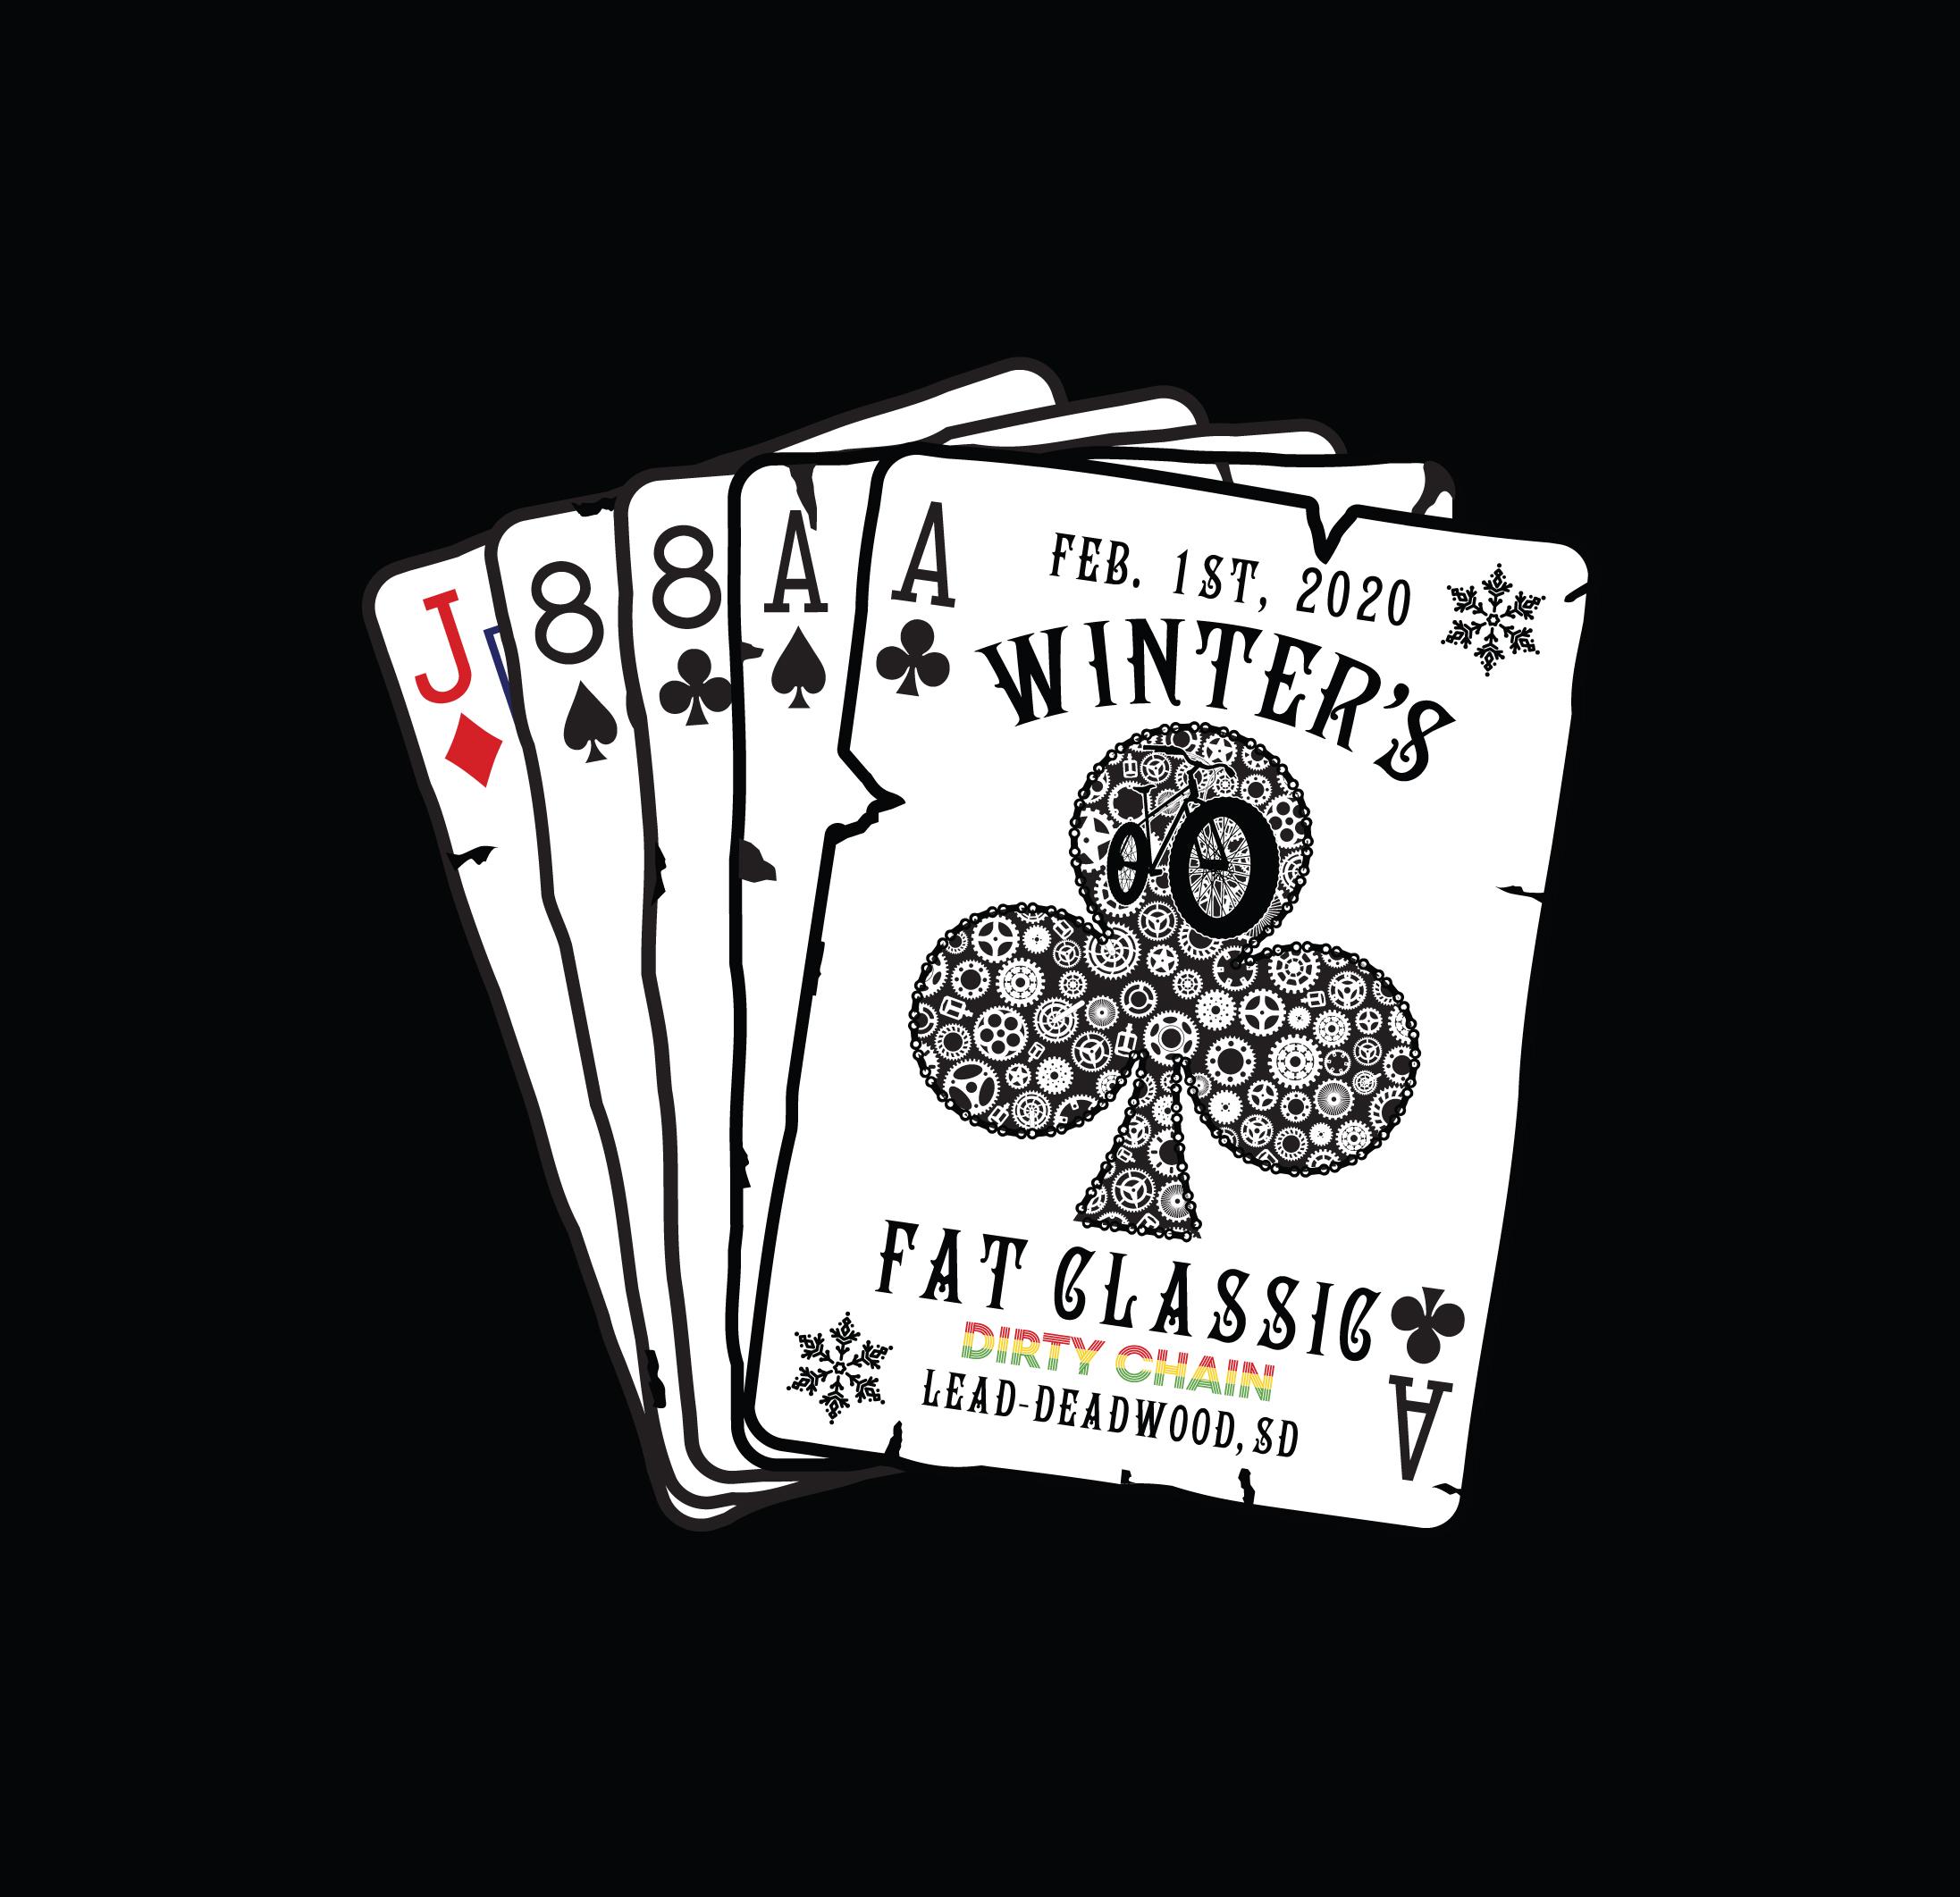 Winter's Fat Classic 2020